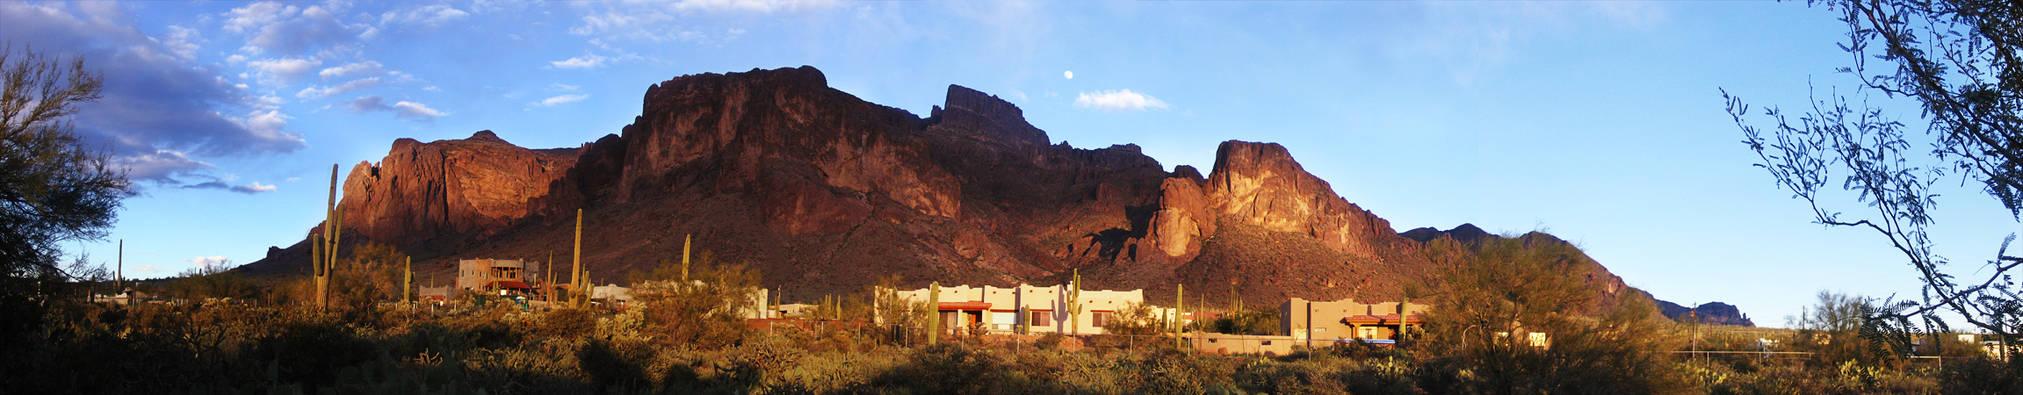 Superstition Mountain Sunset 2